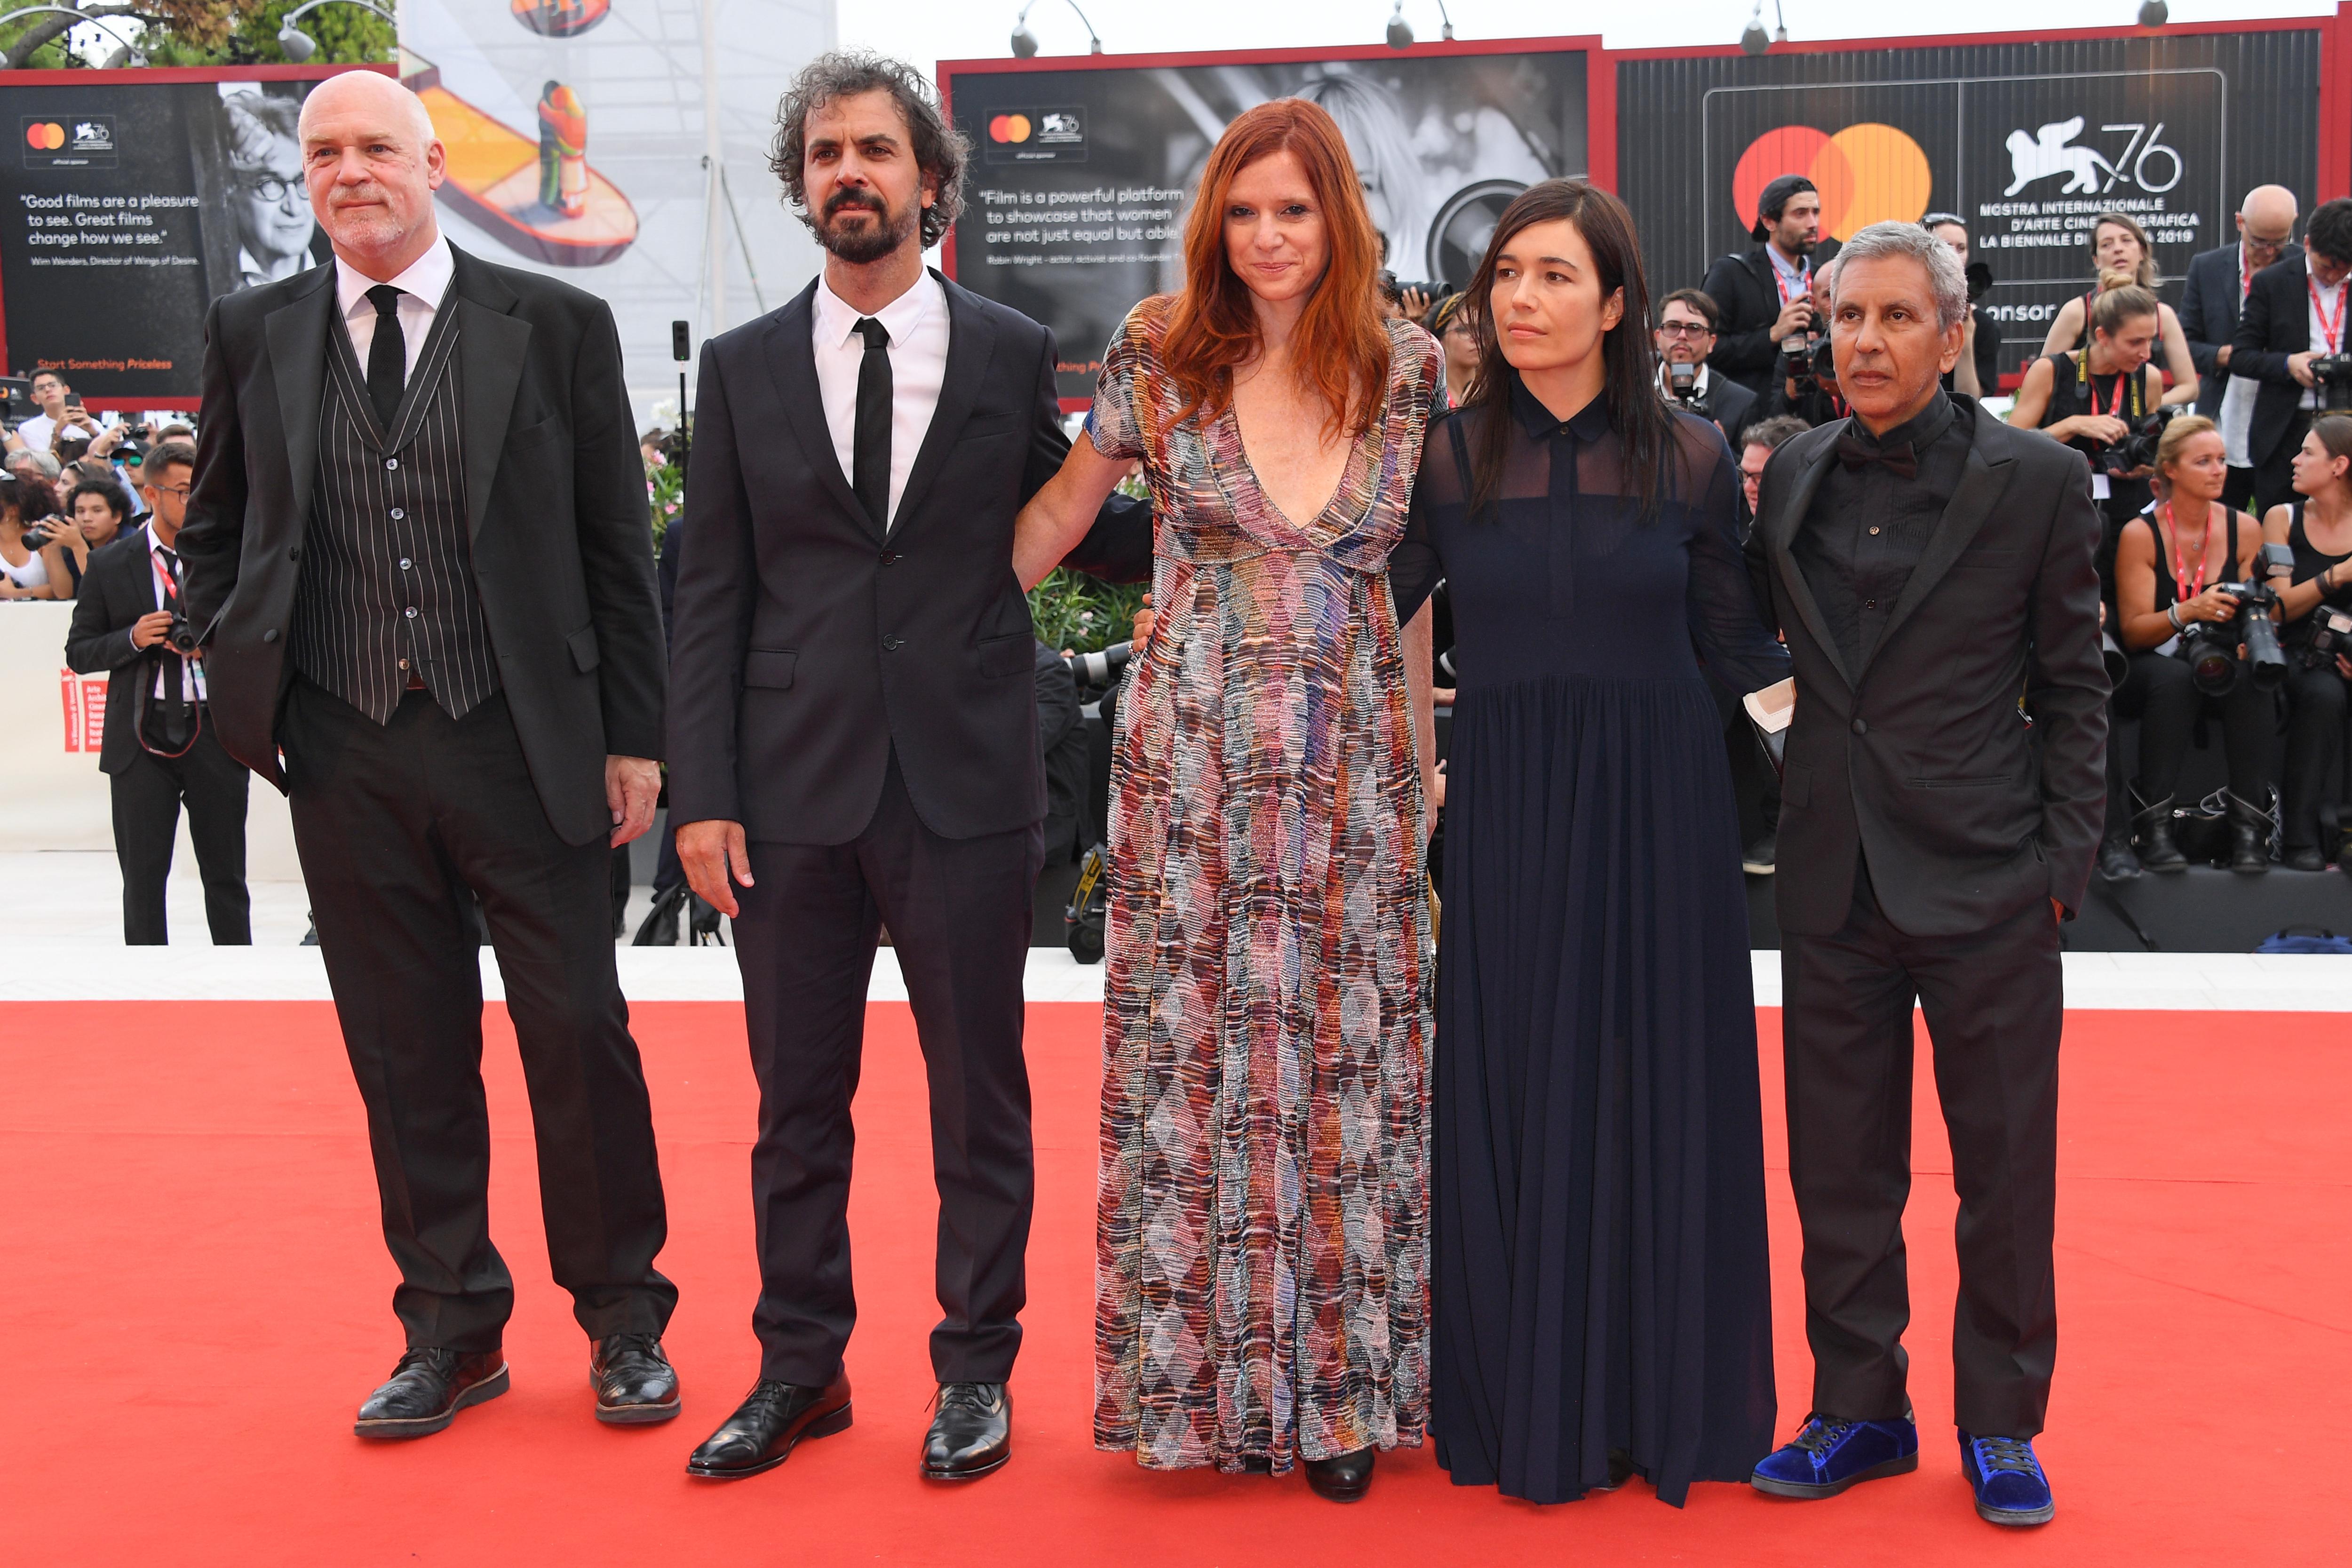 Rachid Bouchareb, Álvaro Brechner, and Susanna Nicchiarelli at an event for La vérité (2019)